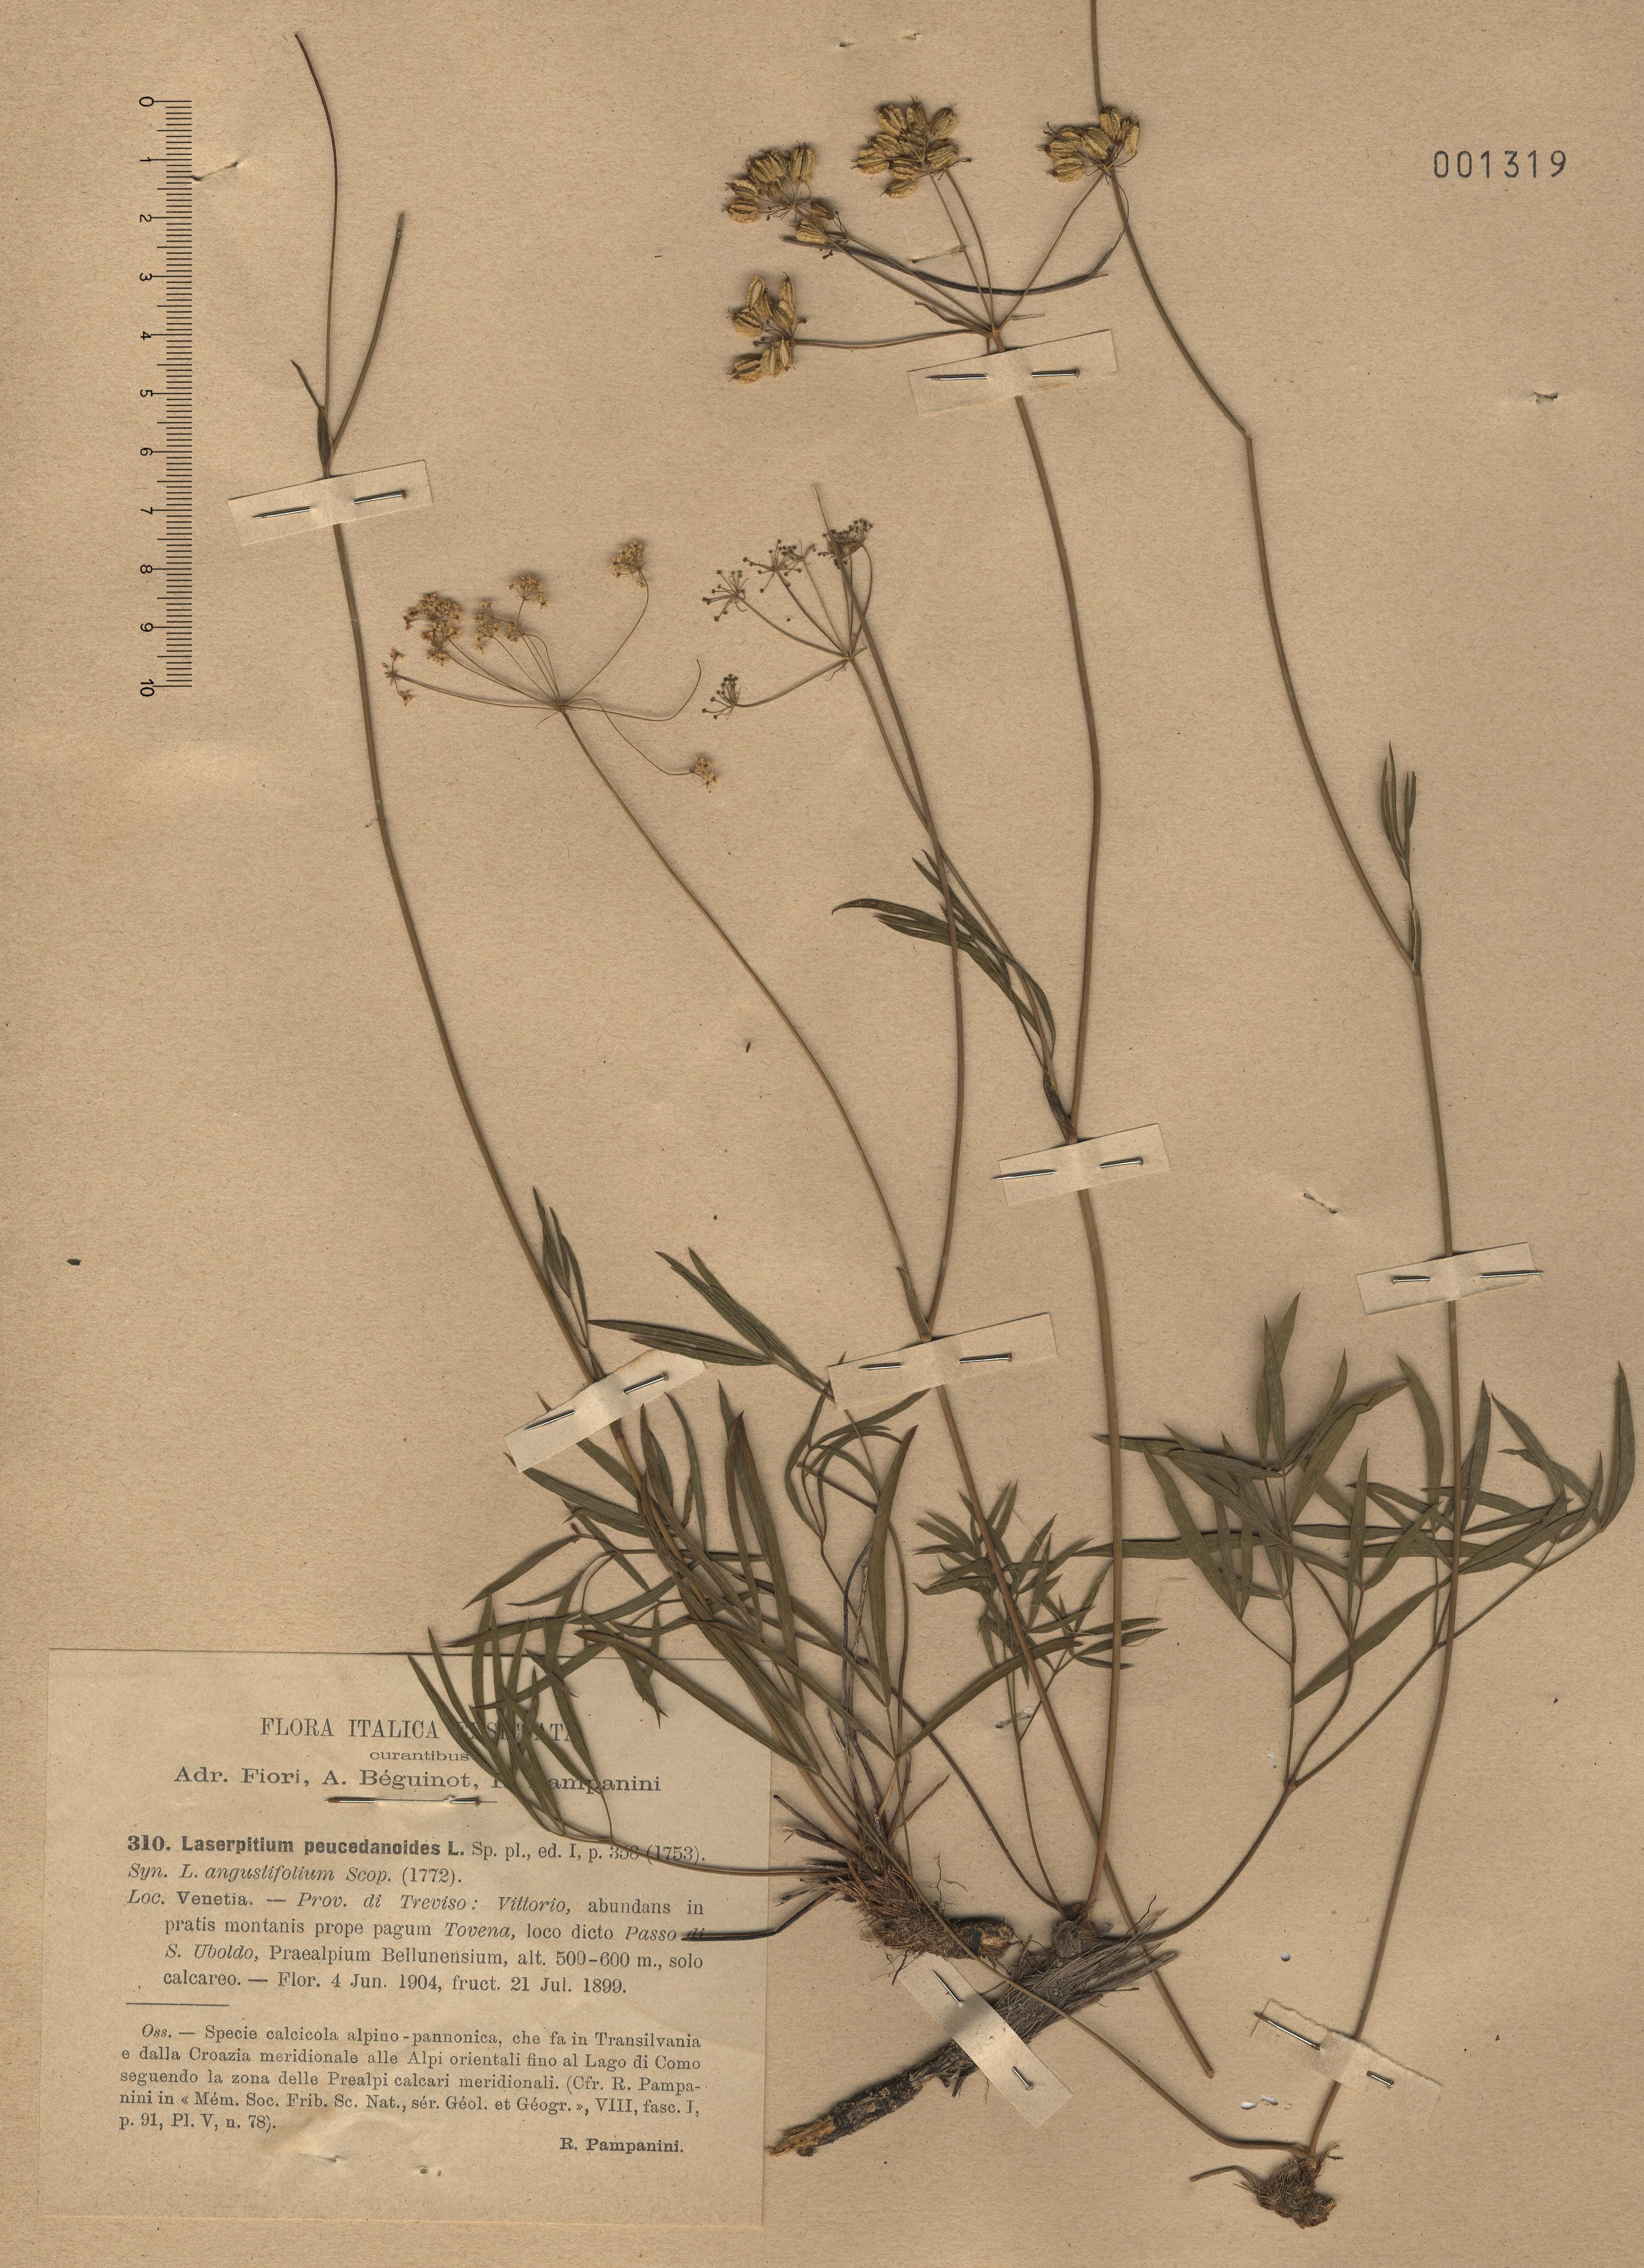 © Hortus Botanicus Catinensis - Herb. sheet 001319<br>